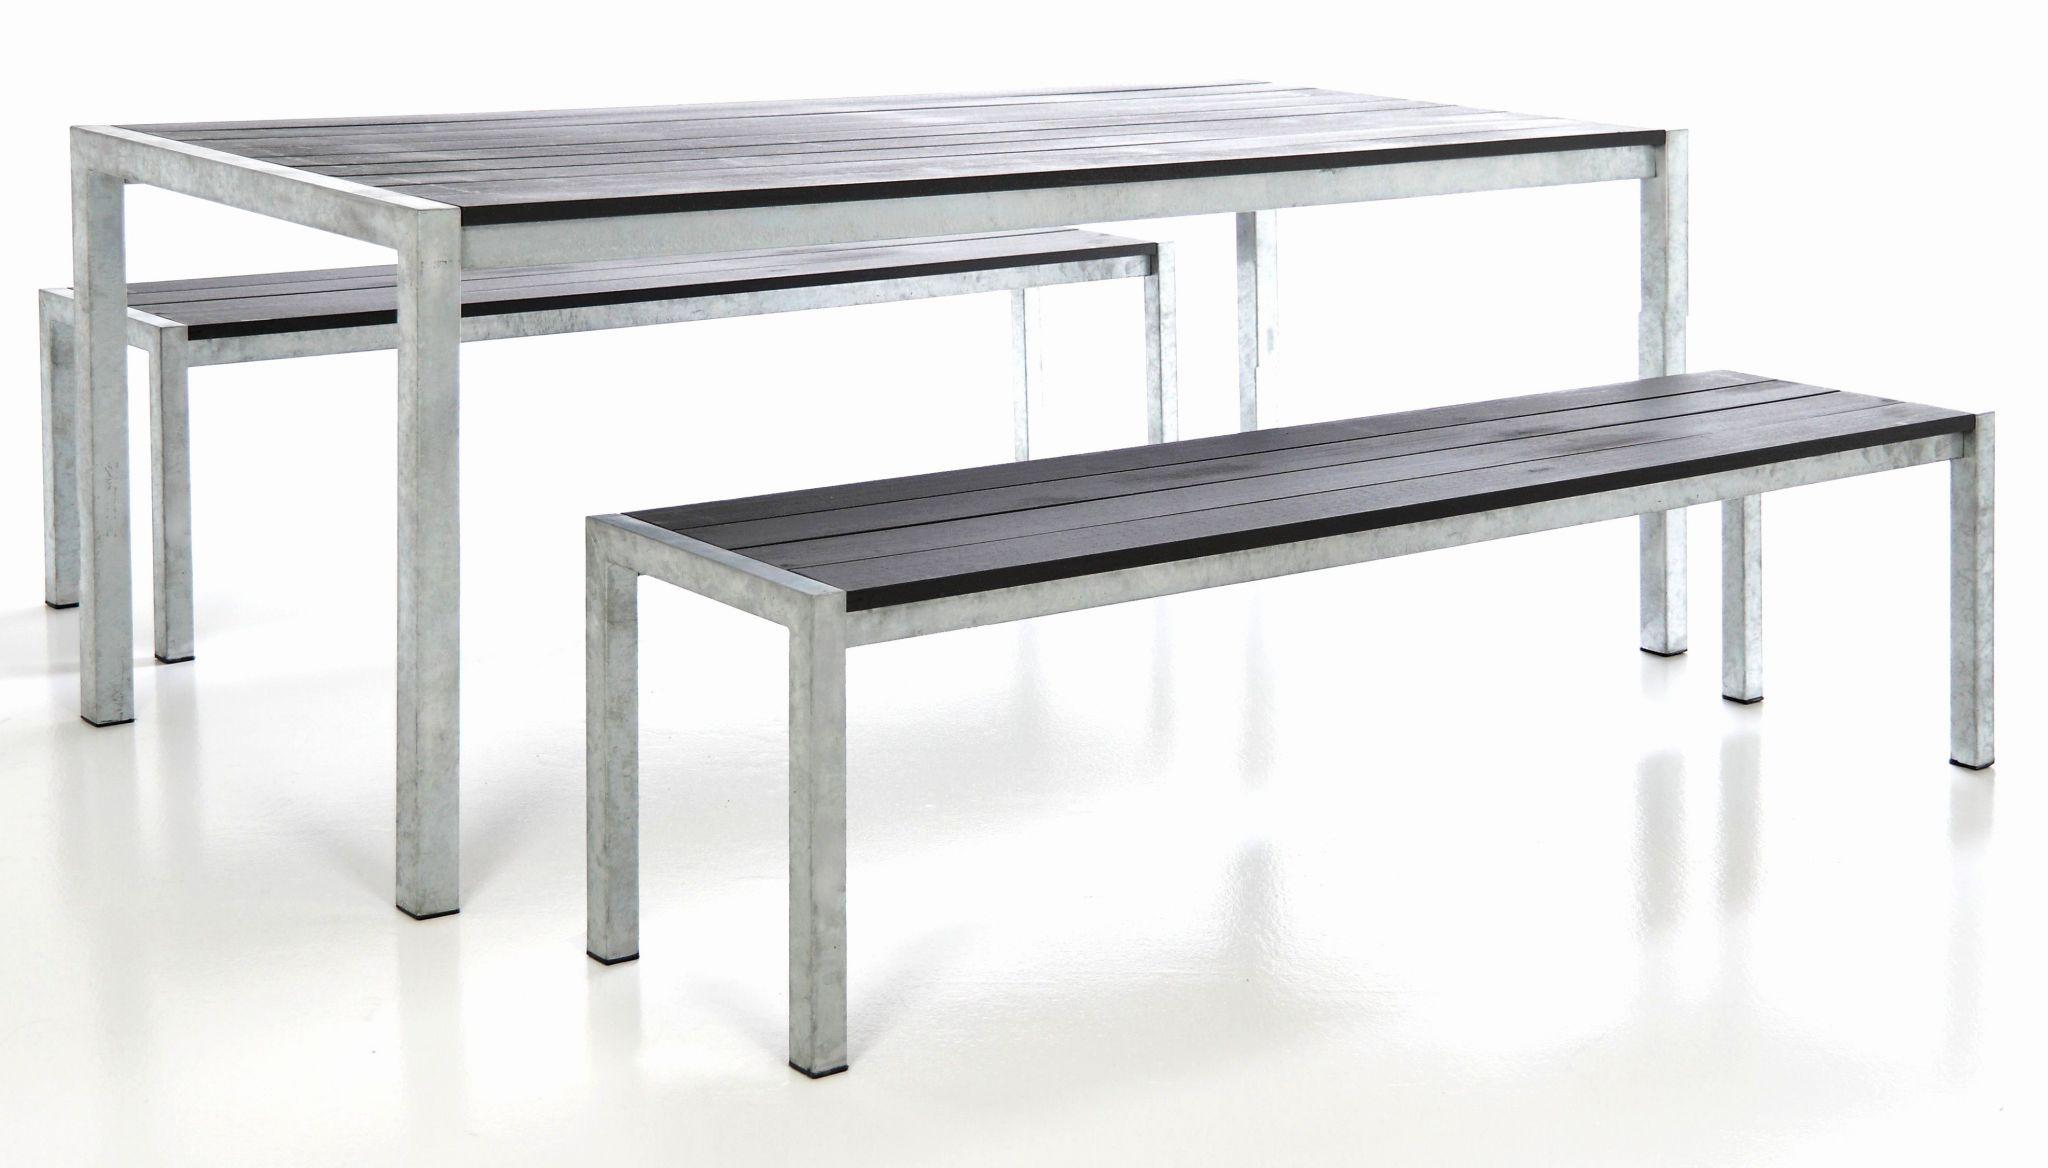 Table Banc Bois Exterieur Charmant Table Et Banc Pour Terrasse Of 21 Charmant Table Banc Bois Exterieur